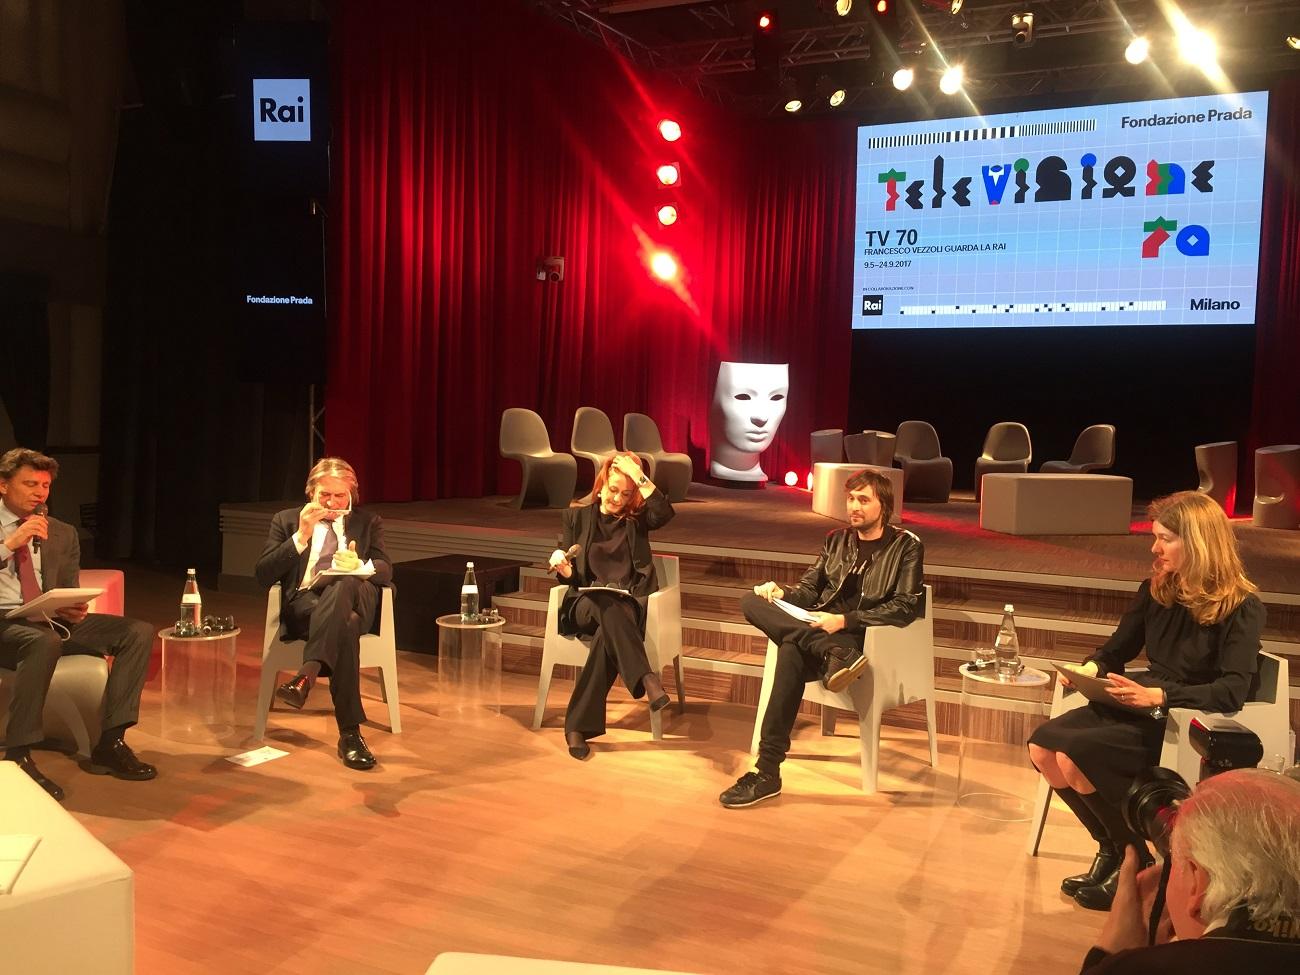 TV70. Francesco Vezzoli guarda la Rai. Conferenza stampa del 27 aprile 2017, Rai, Roma